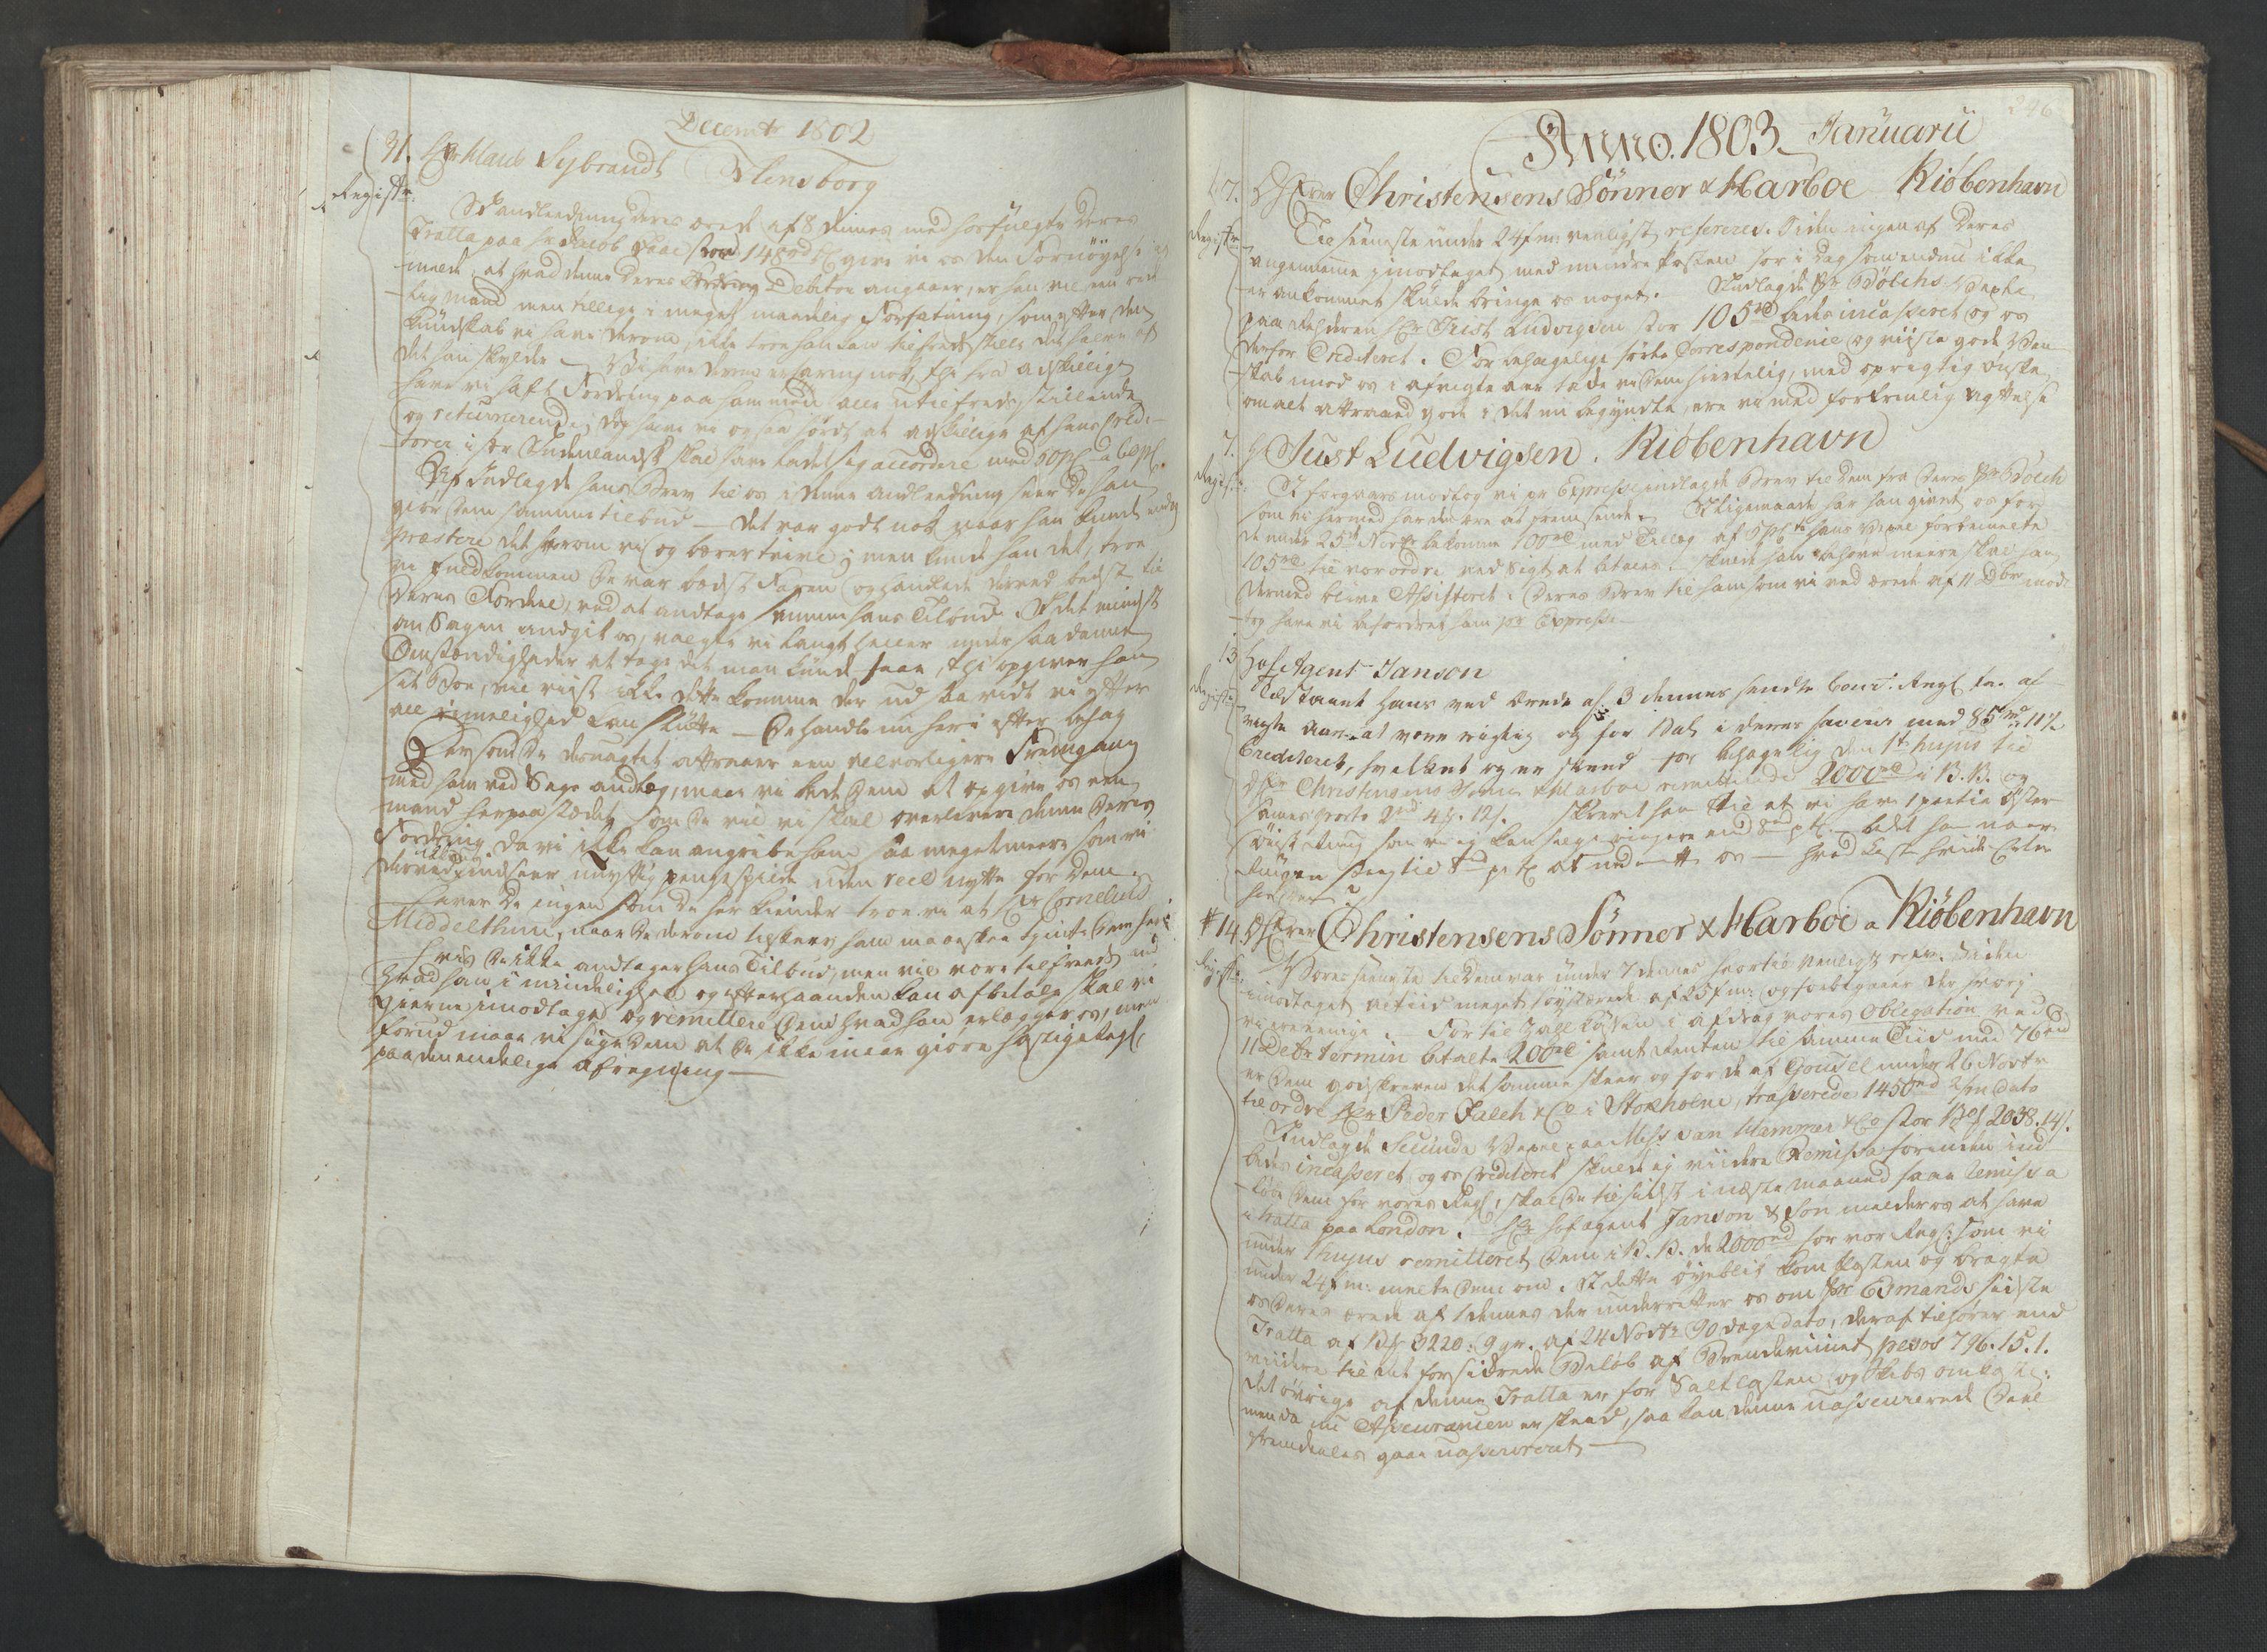 SAST, Pa 0003 - Ploug & Sundt, handelshuset, B/L0008: Kopibok, 1797-1804, s. 245b-246a